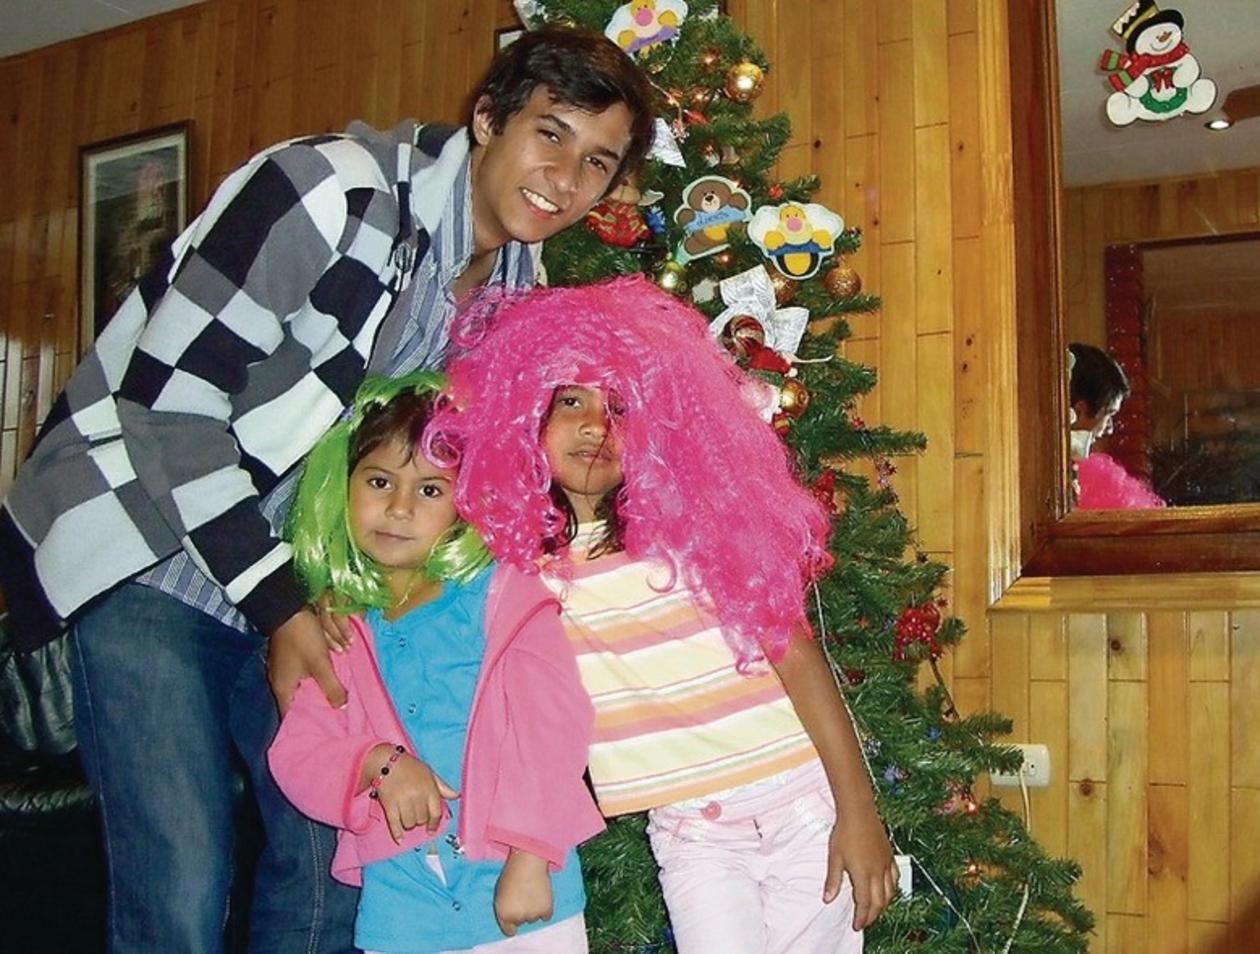 Kitschige Weihnachtsbeleuchtung.Der Offenthaler Amin Kachabia Verlebt Auch Weihnachten In Costa Rica